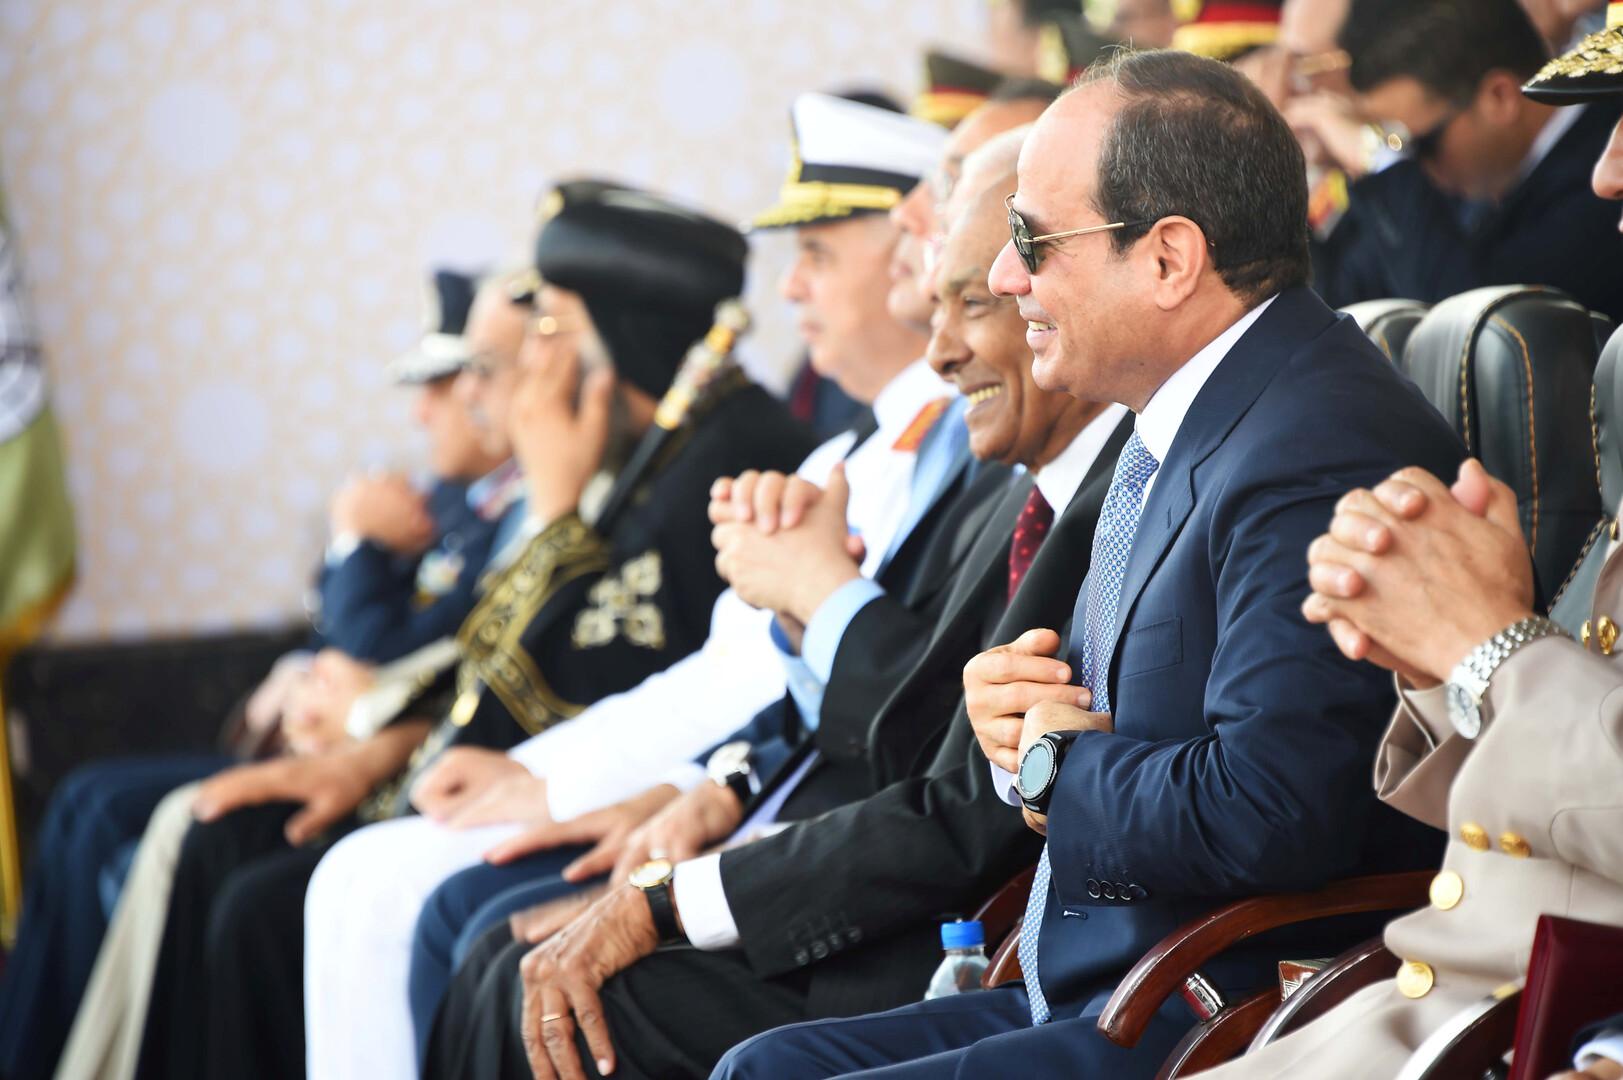 الحكومة المصرية تعيد بطاقات التموين لـ1.8 مليون مواطن بأمر من السيسي